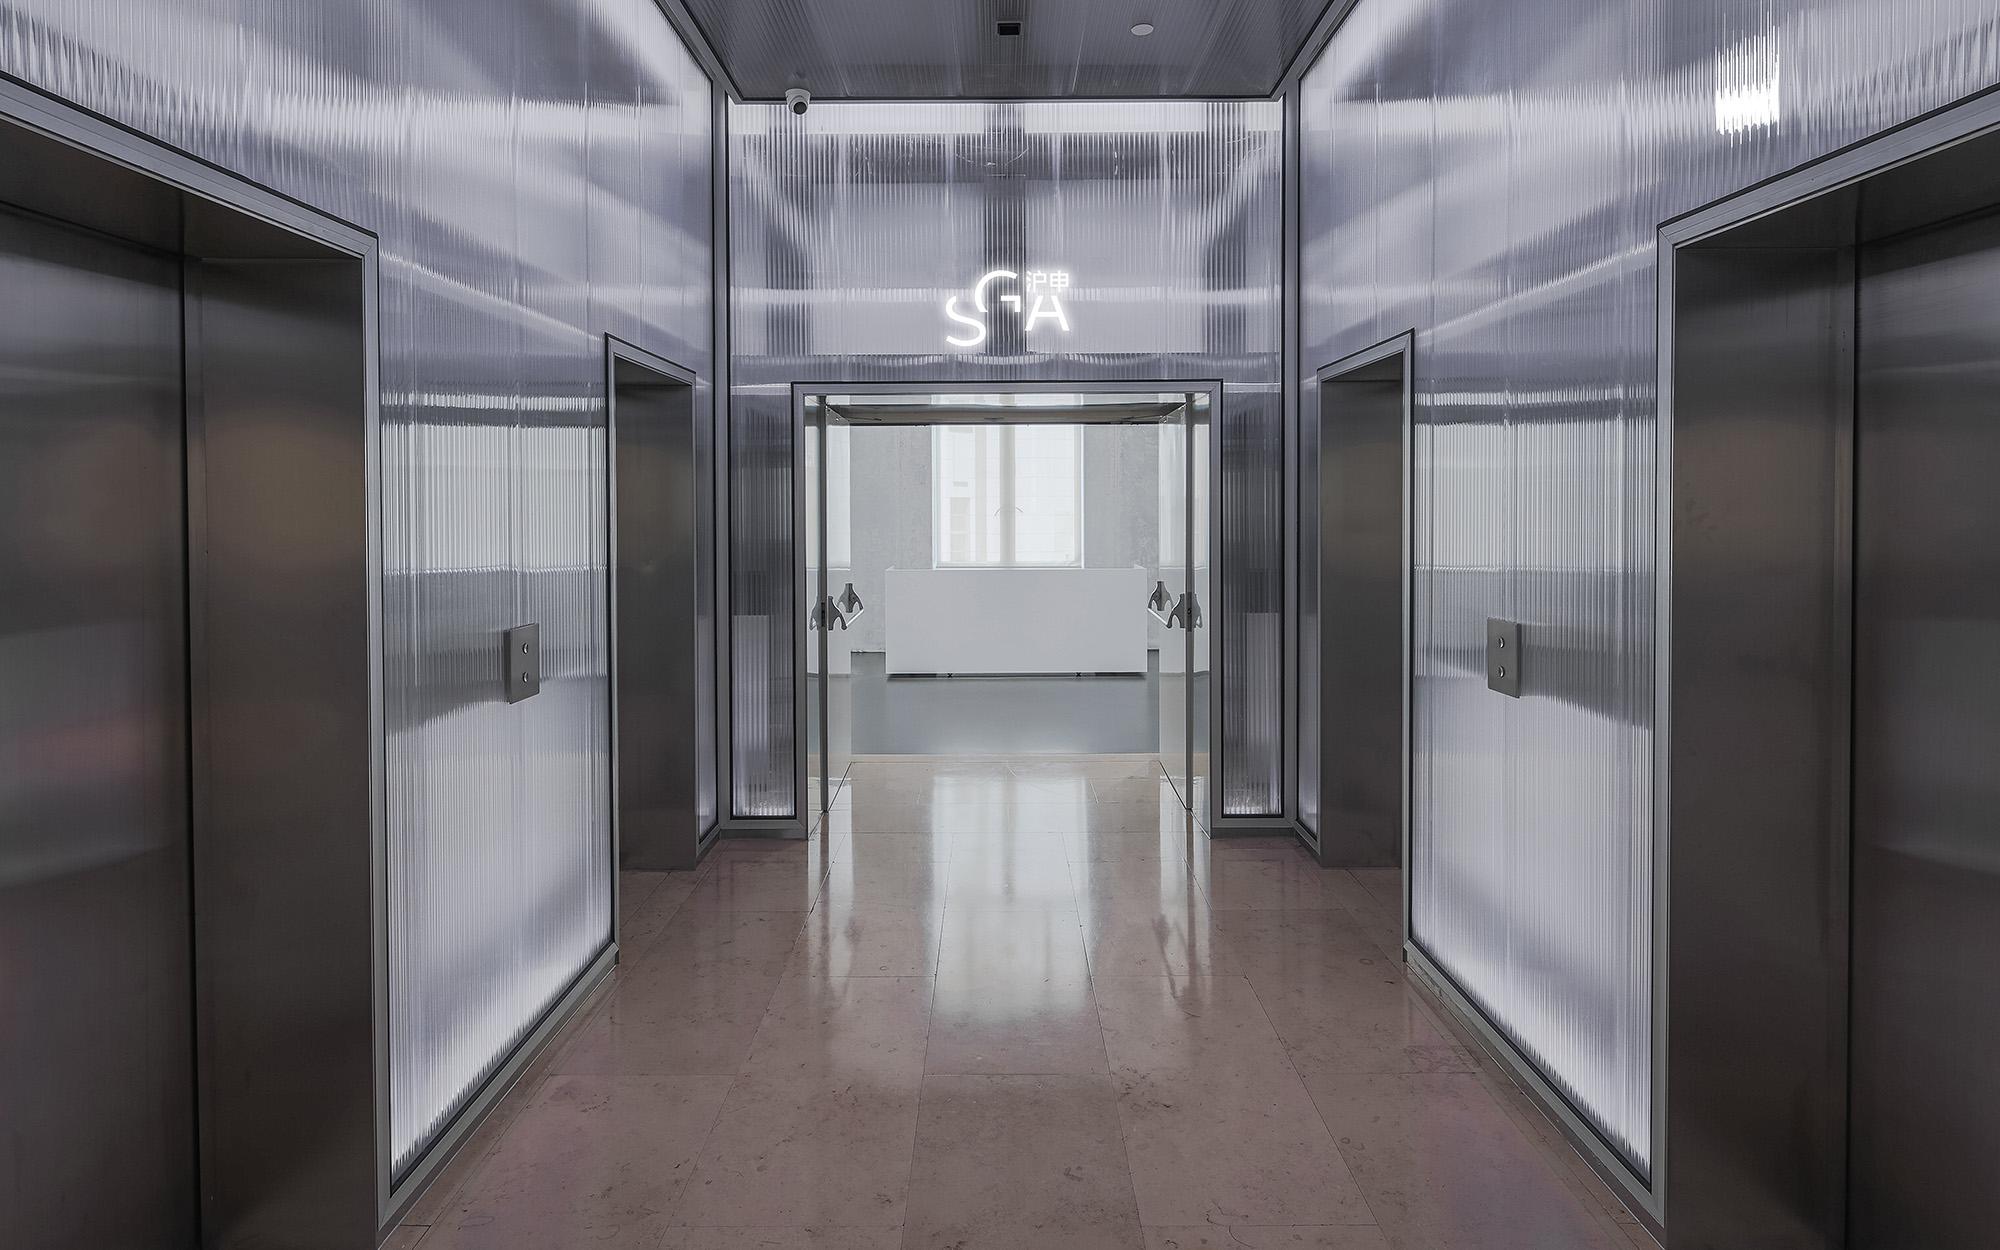 Exhibition Hall Entrance